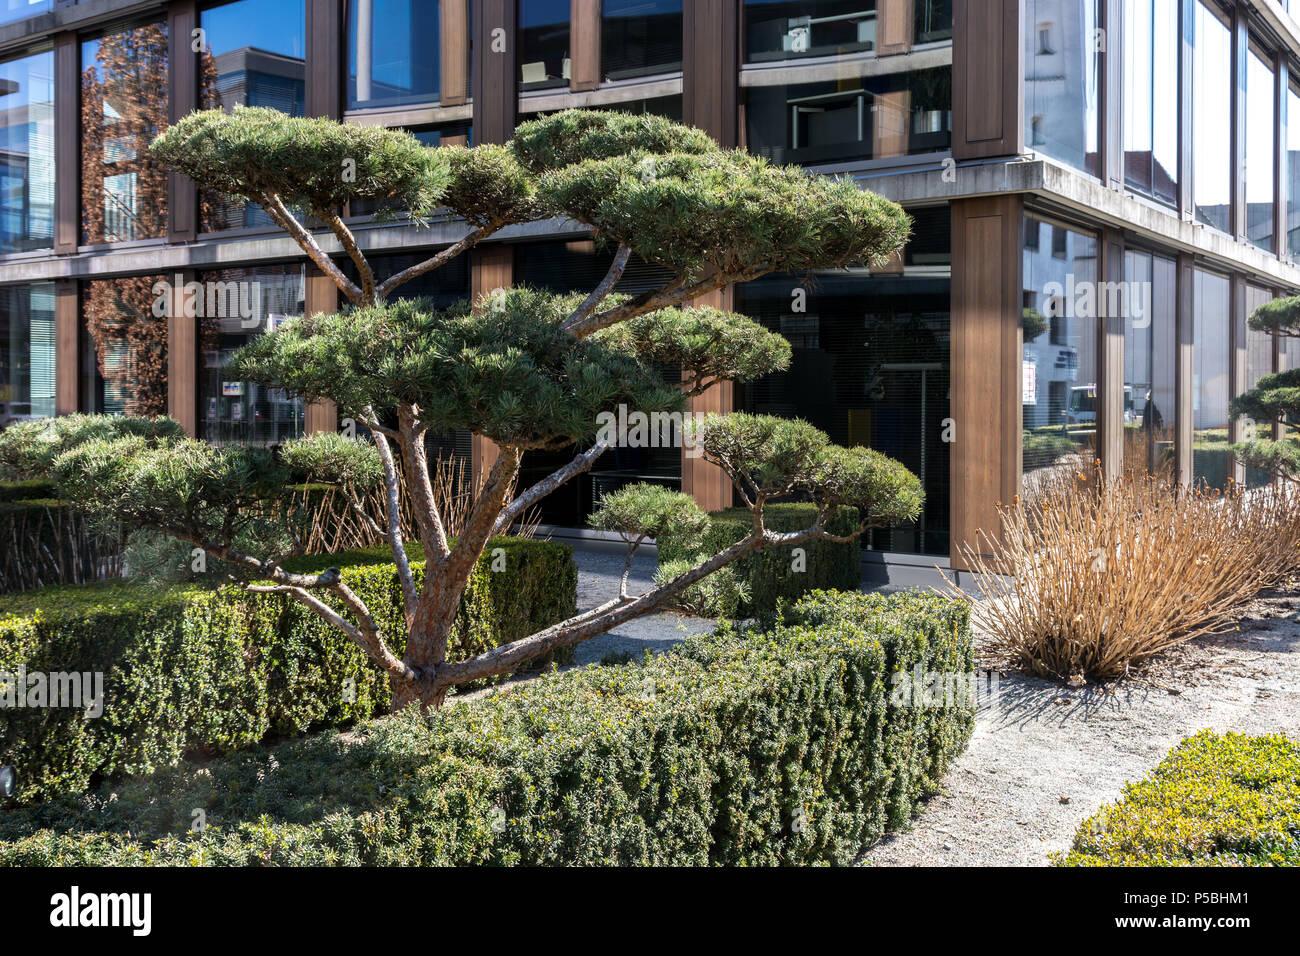 241/5000 giardino giapponese in Biberach, Germania Immagini Stock